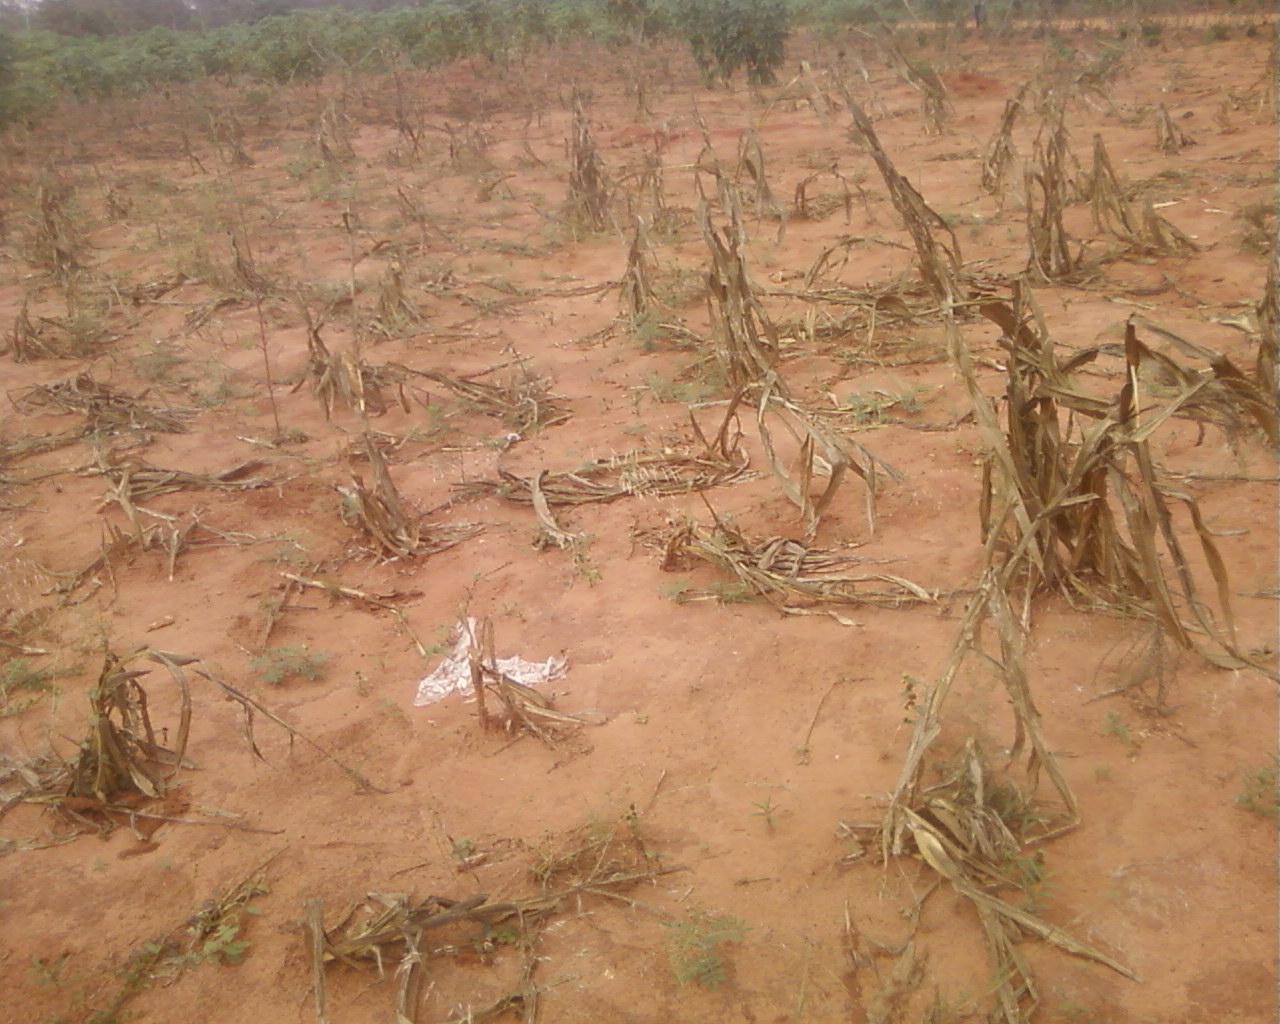 Image wezon: des champs de maïs asséchés par manque d'eau